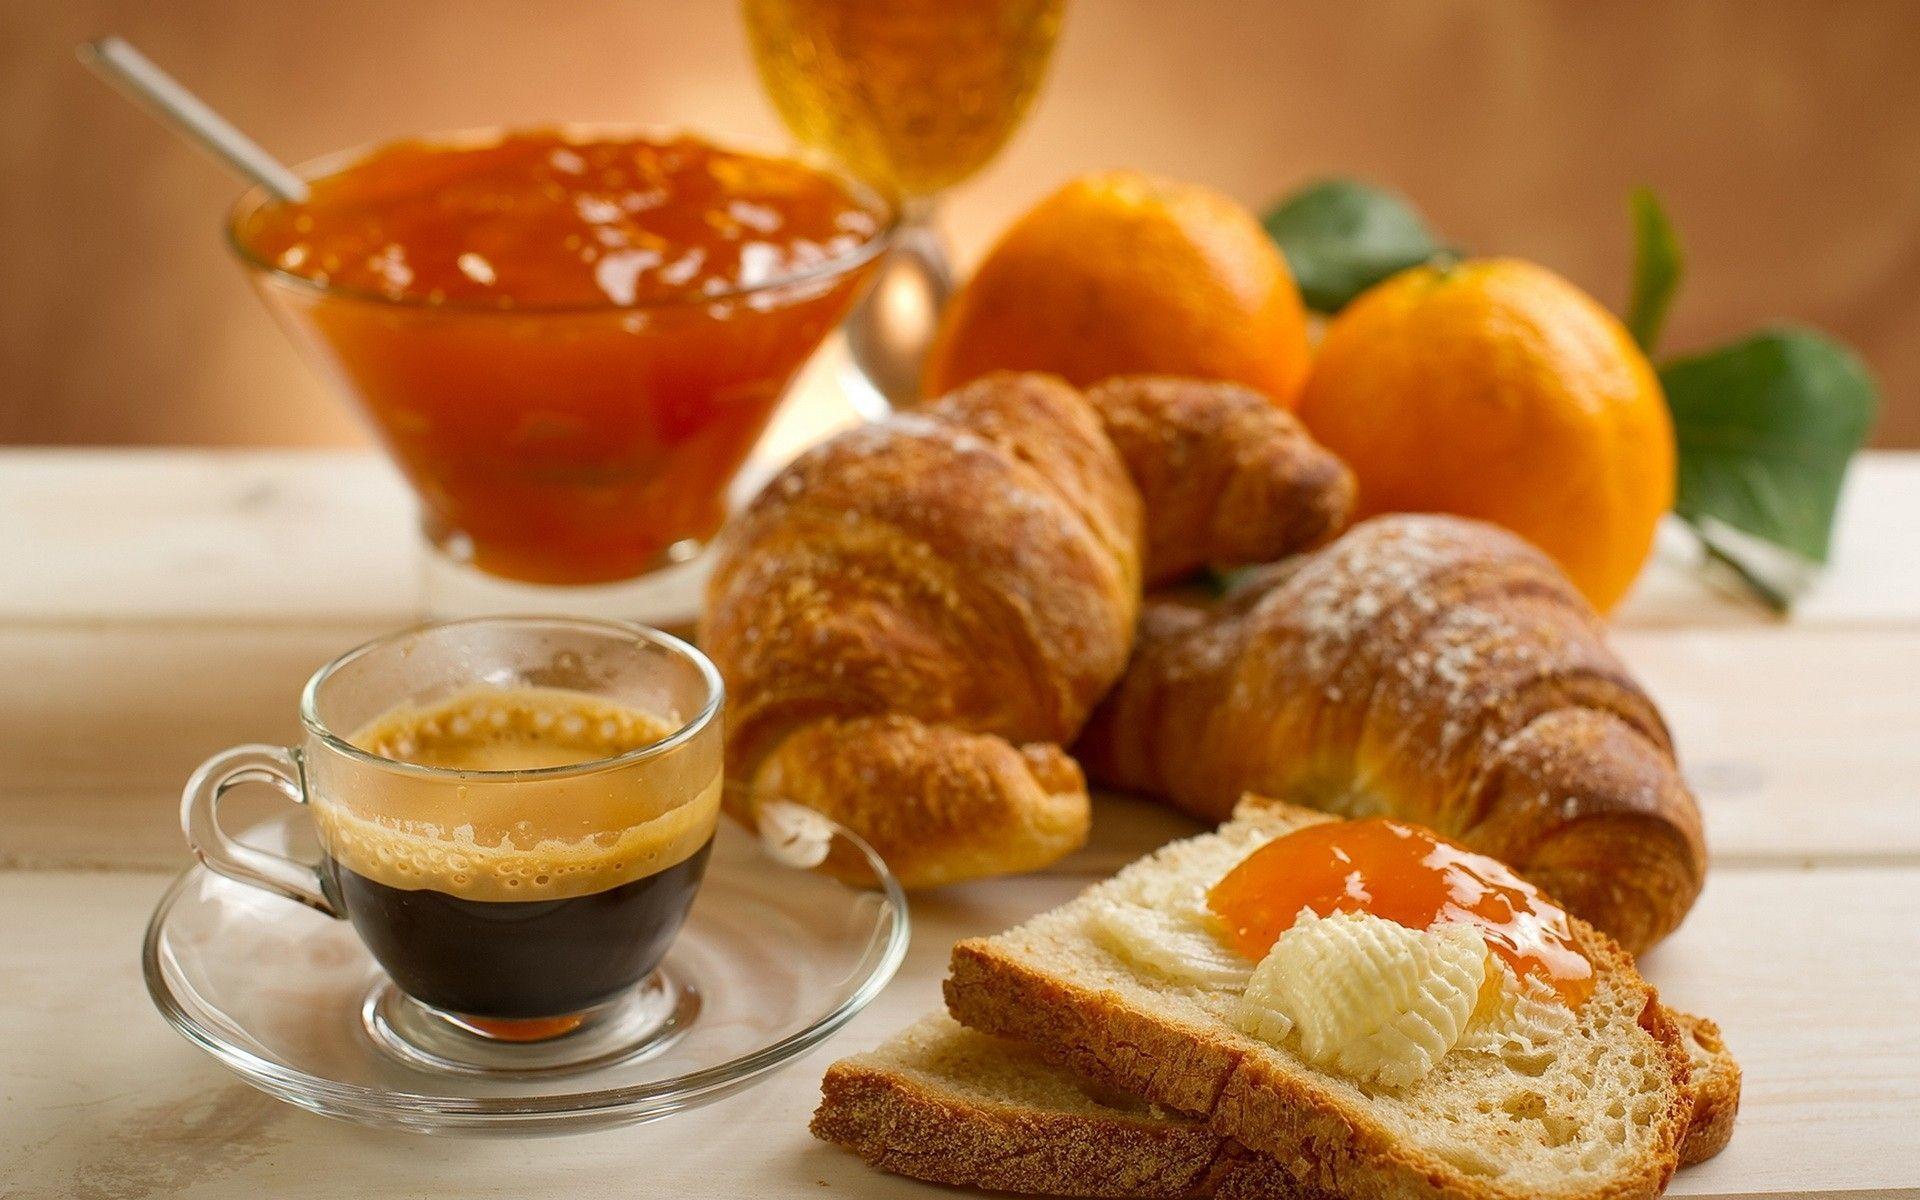 """Les """"breakfast meetings"""", ces rendez-vous matinaux très appréciés des entreprises qui mêlent l'utile à l'agréable"""